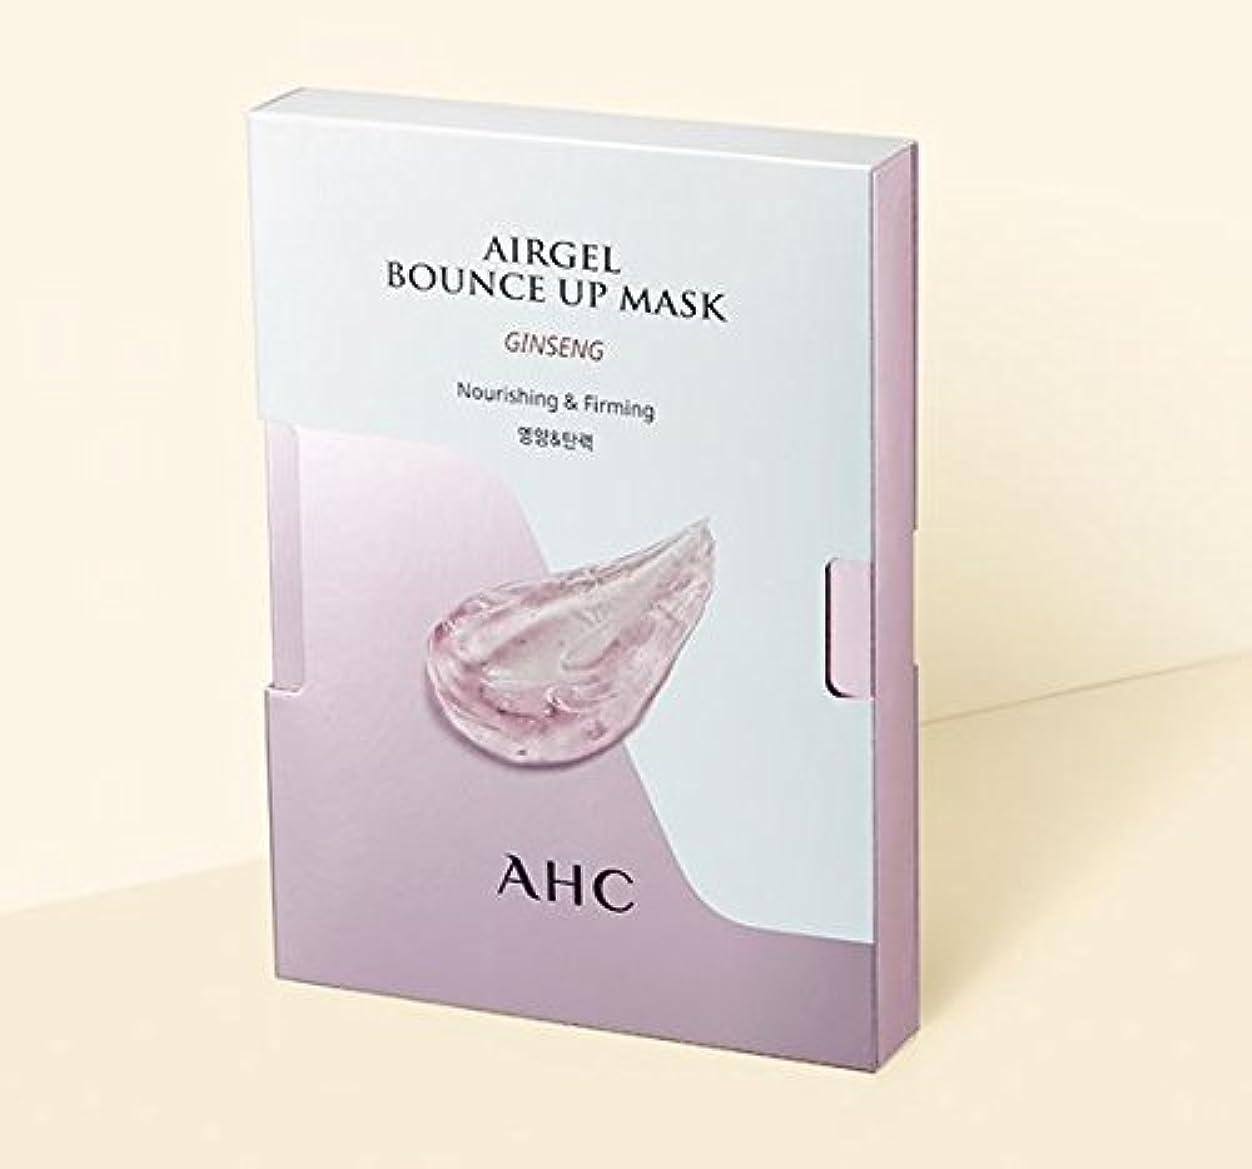 一杯白菜強制[A.H.C] Airgel Bounce Up Mask GINSENG (Nourishing&Firming)30g*5sheet/ジンセンエアゲルマスク30g*5枚 [並行輸入品]